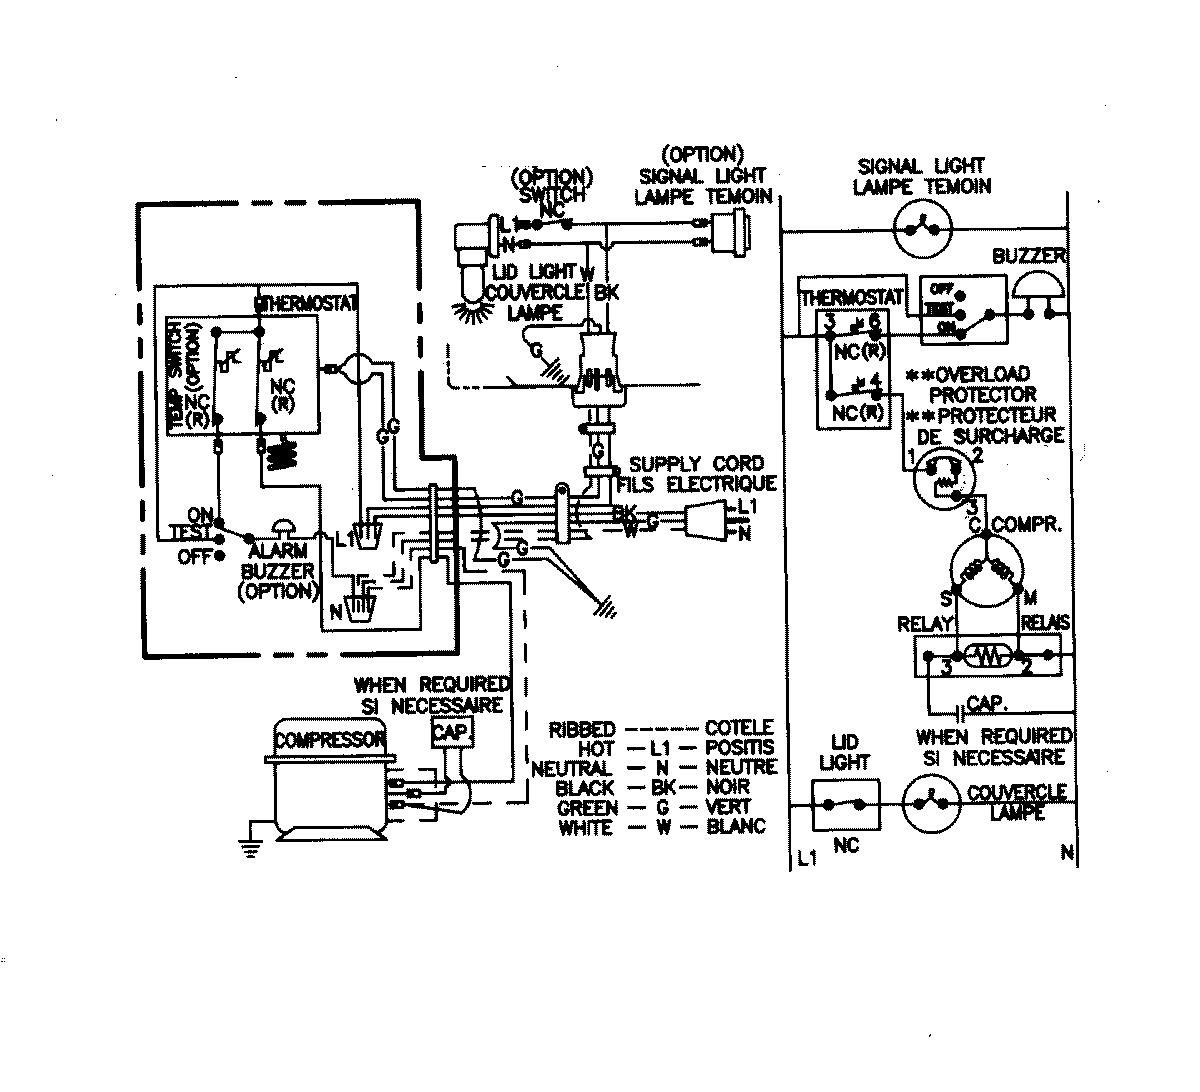 hight resolution of haier rrtg18pabw refrigerator wiring diagram schematic diagramhaier refrigerator wiring diagram wiring diagram ge refrigerator motherboard schematics